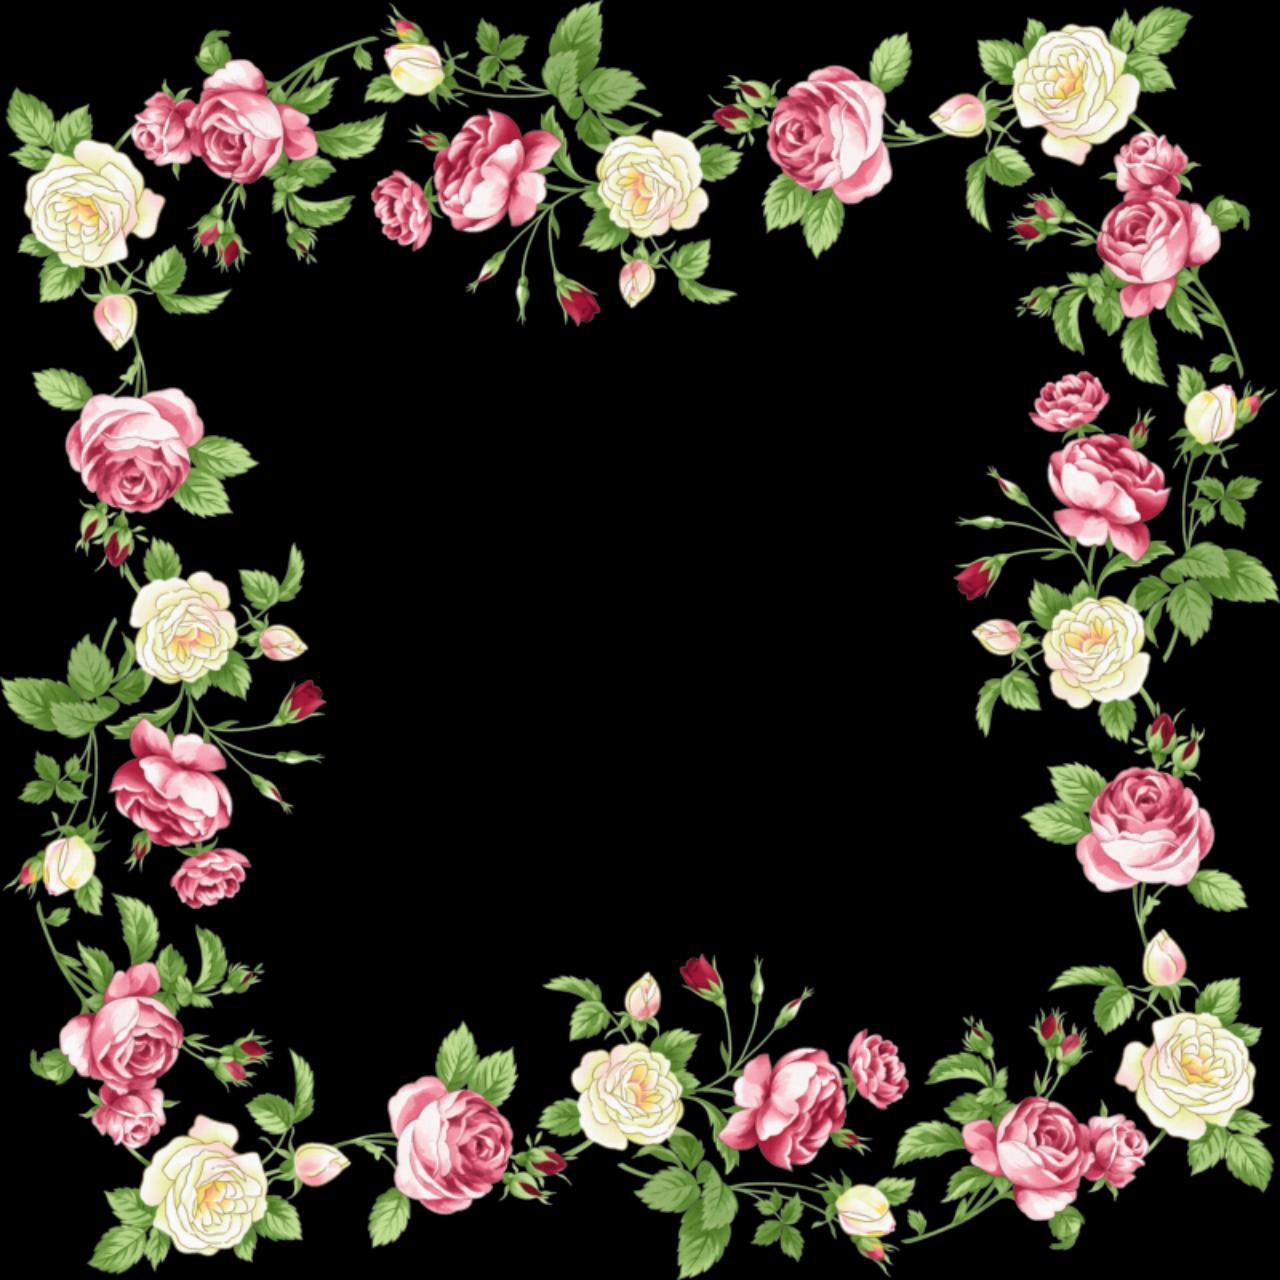 floral border png - Pesquisa Google   Floral border design